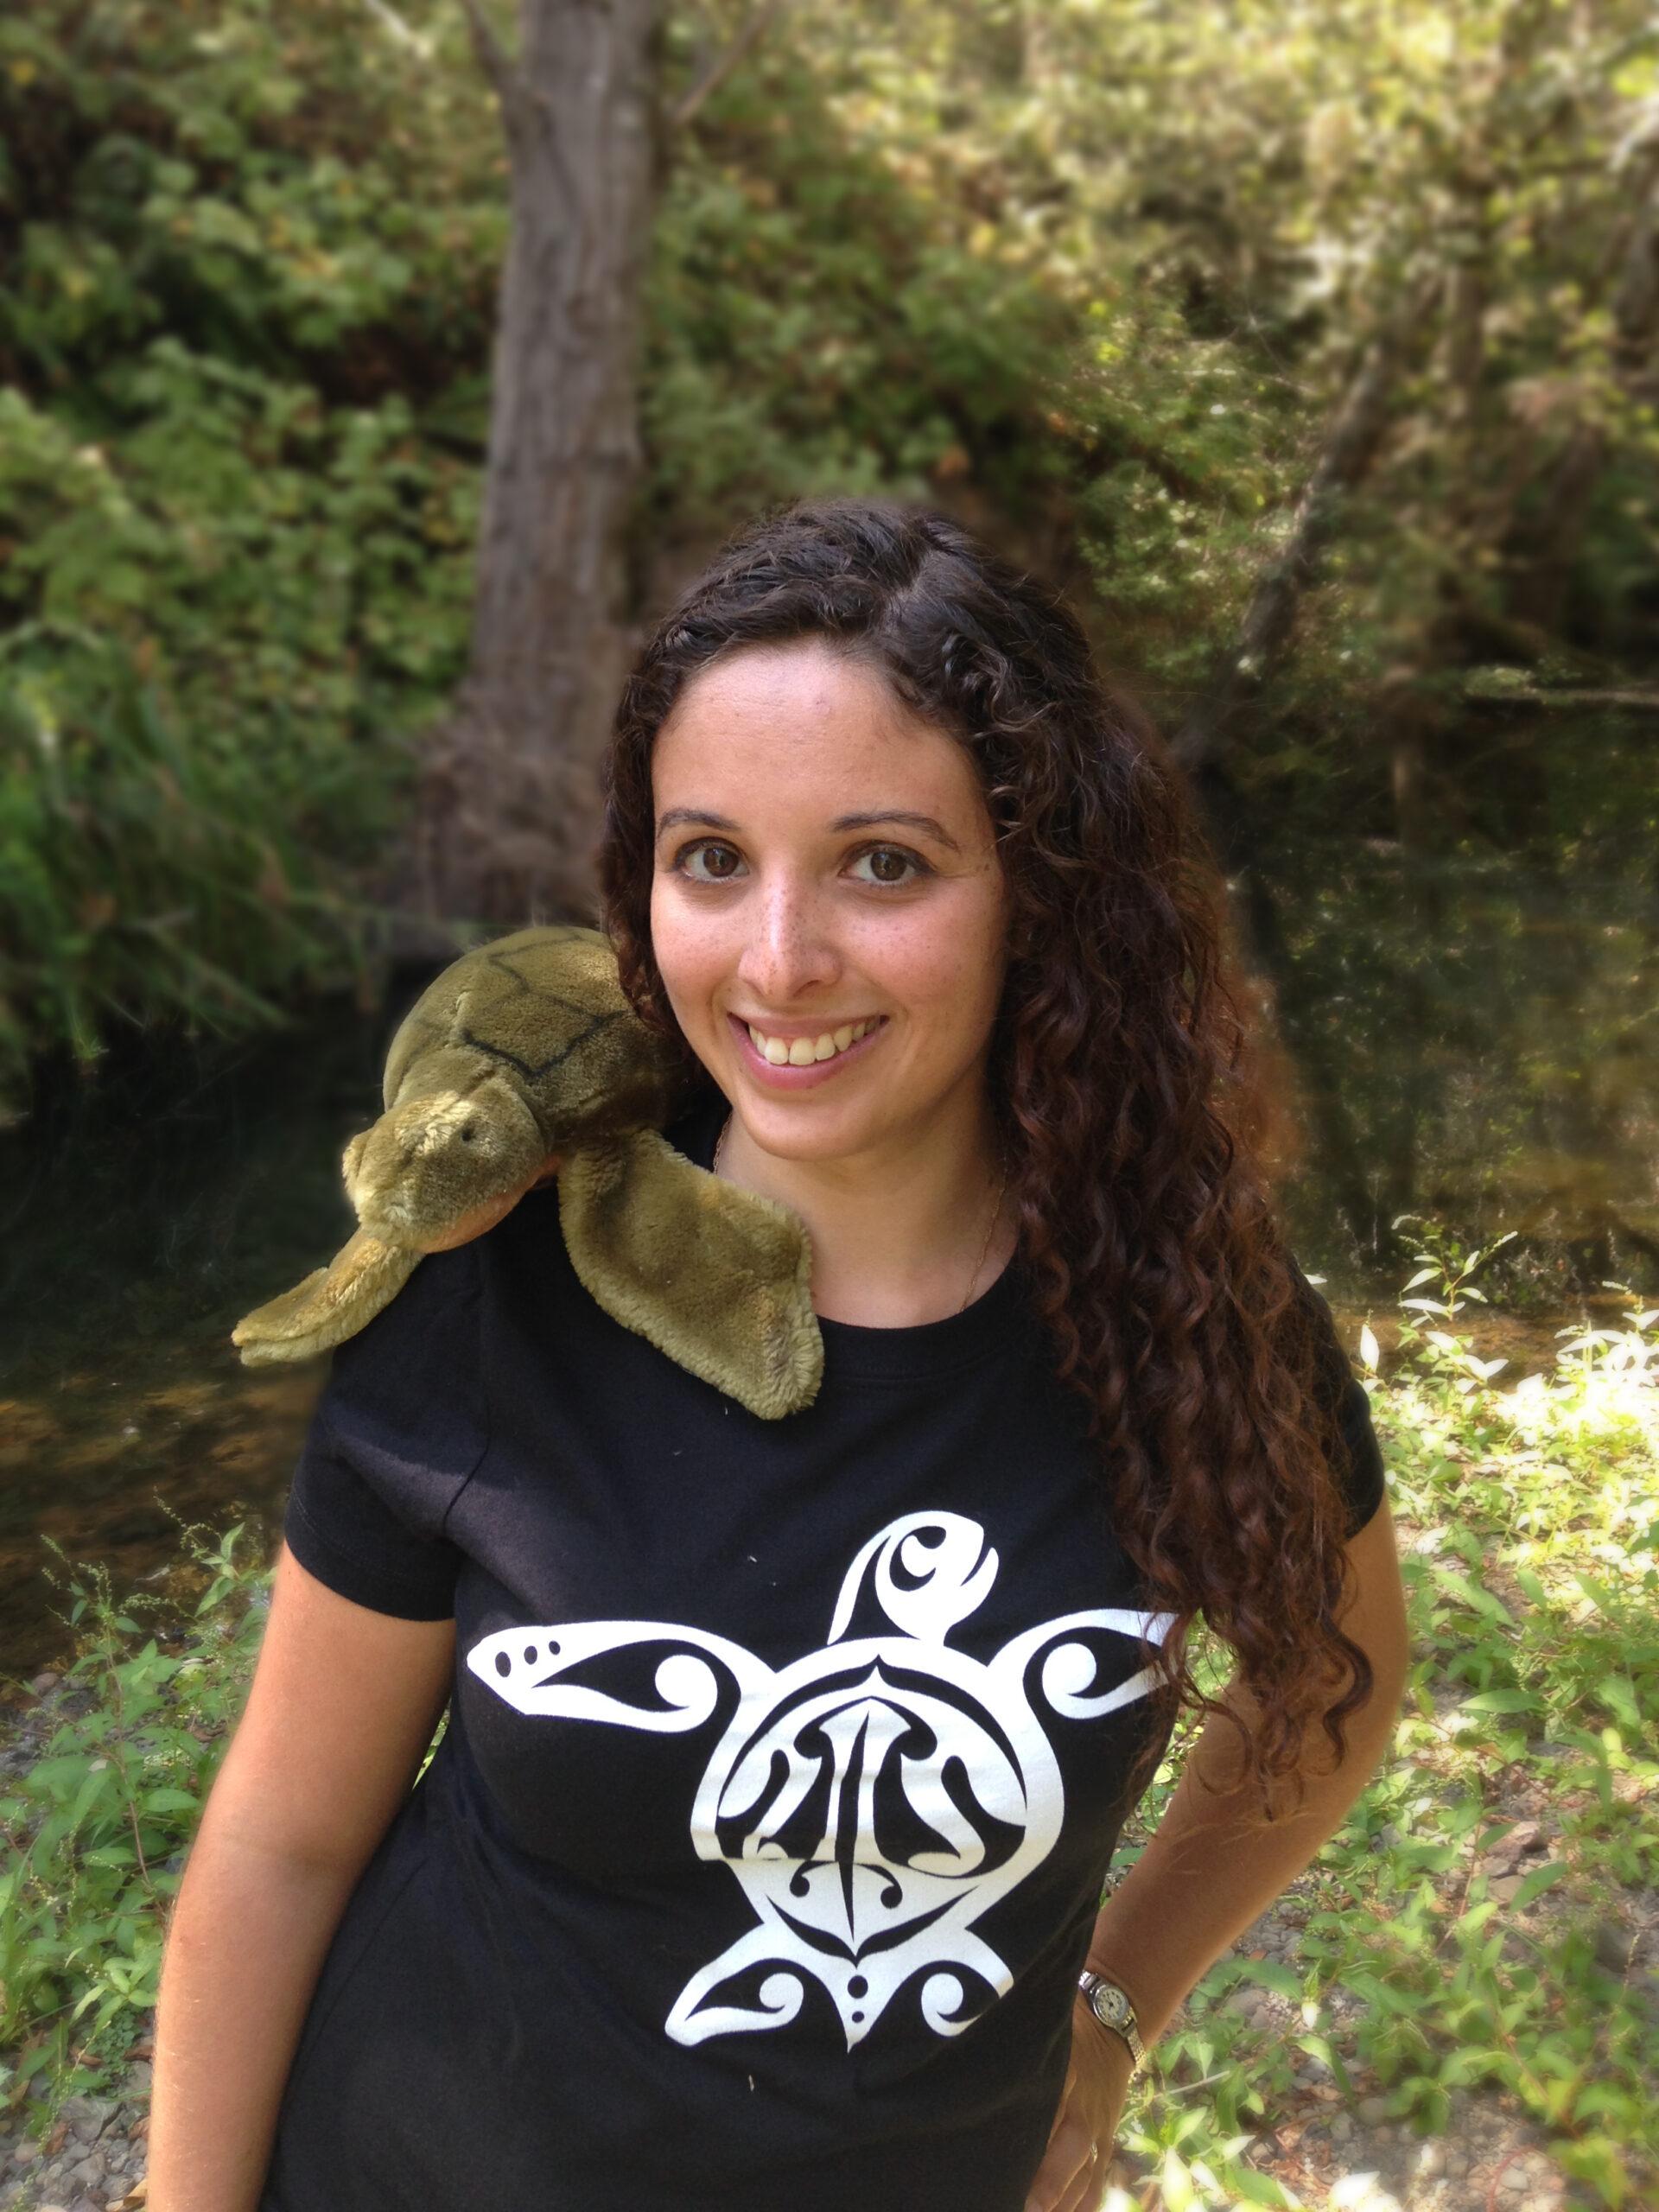 Intern Spotlight: Meet Sara Gendel